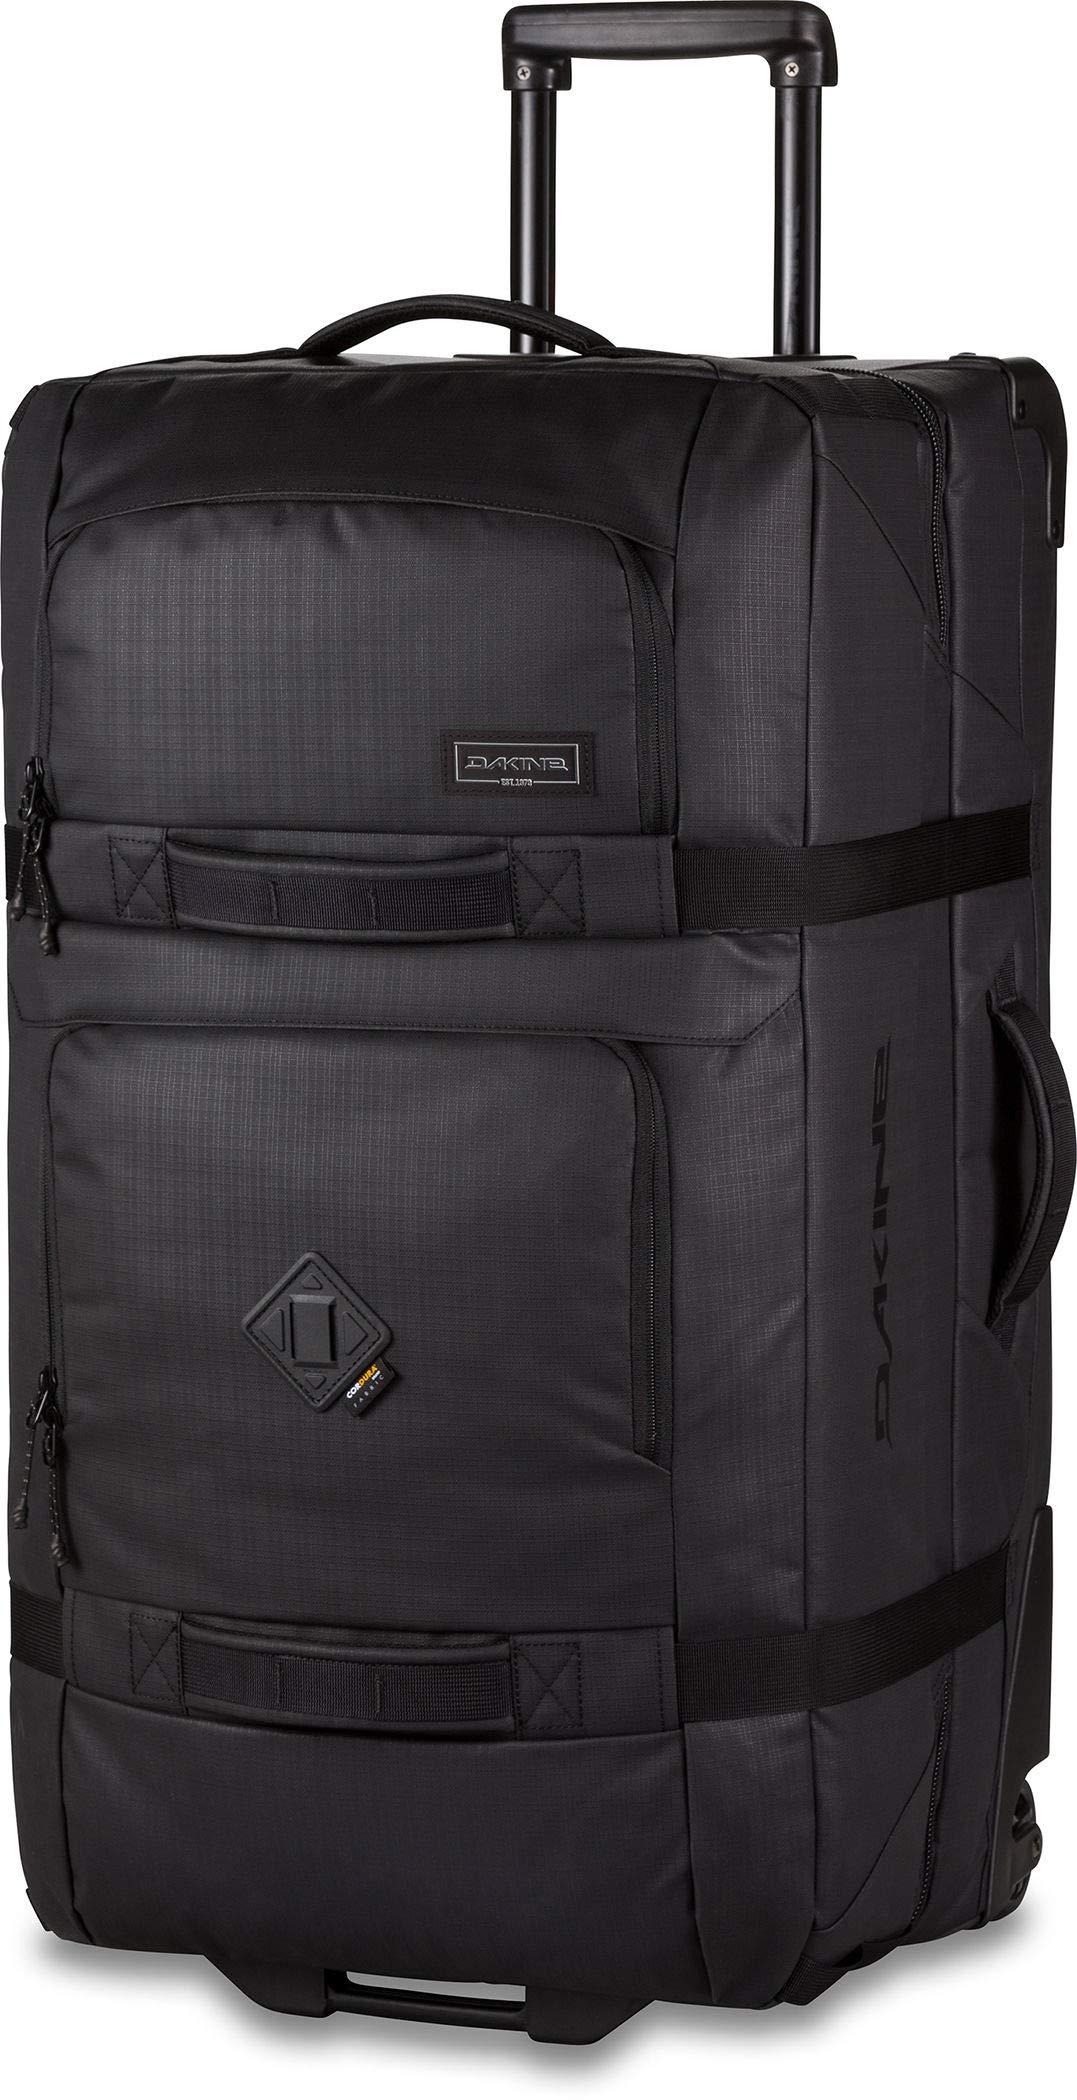 Dakine Split Roller 85L Luggage Bag - Squall